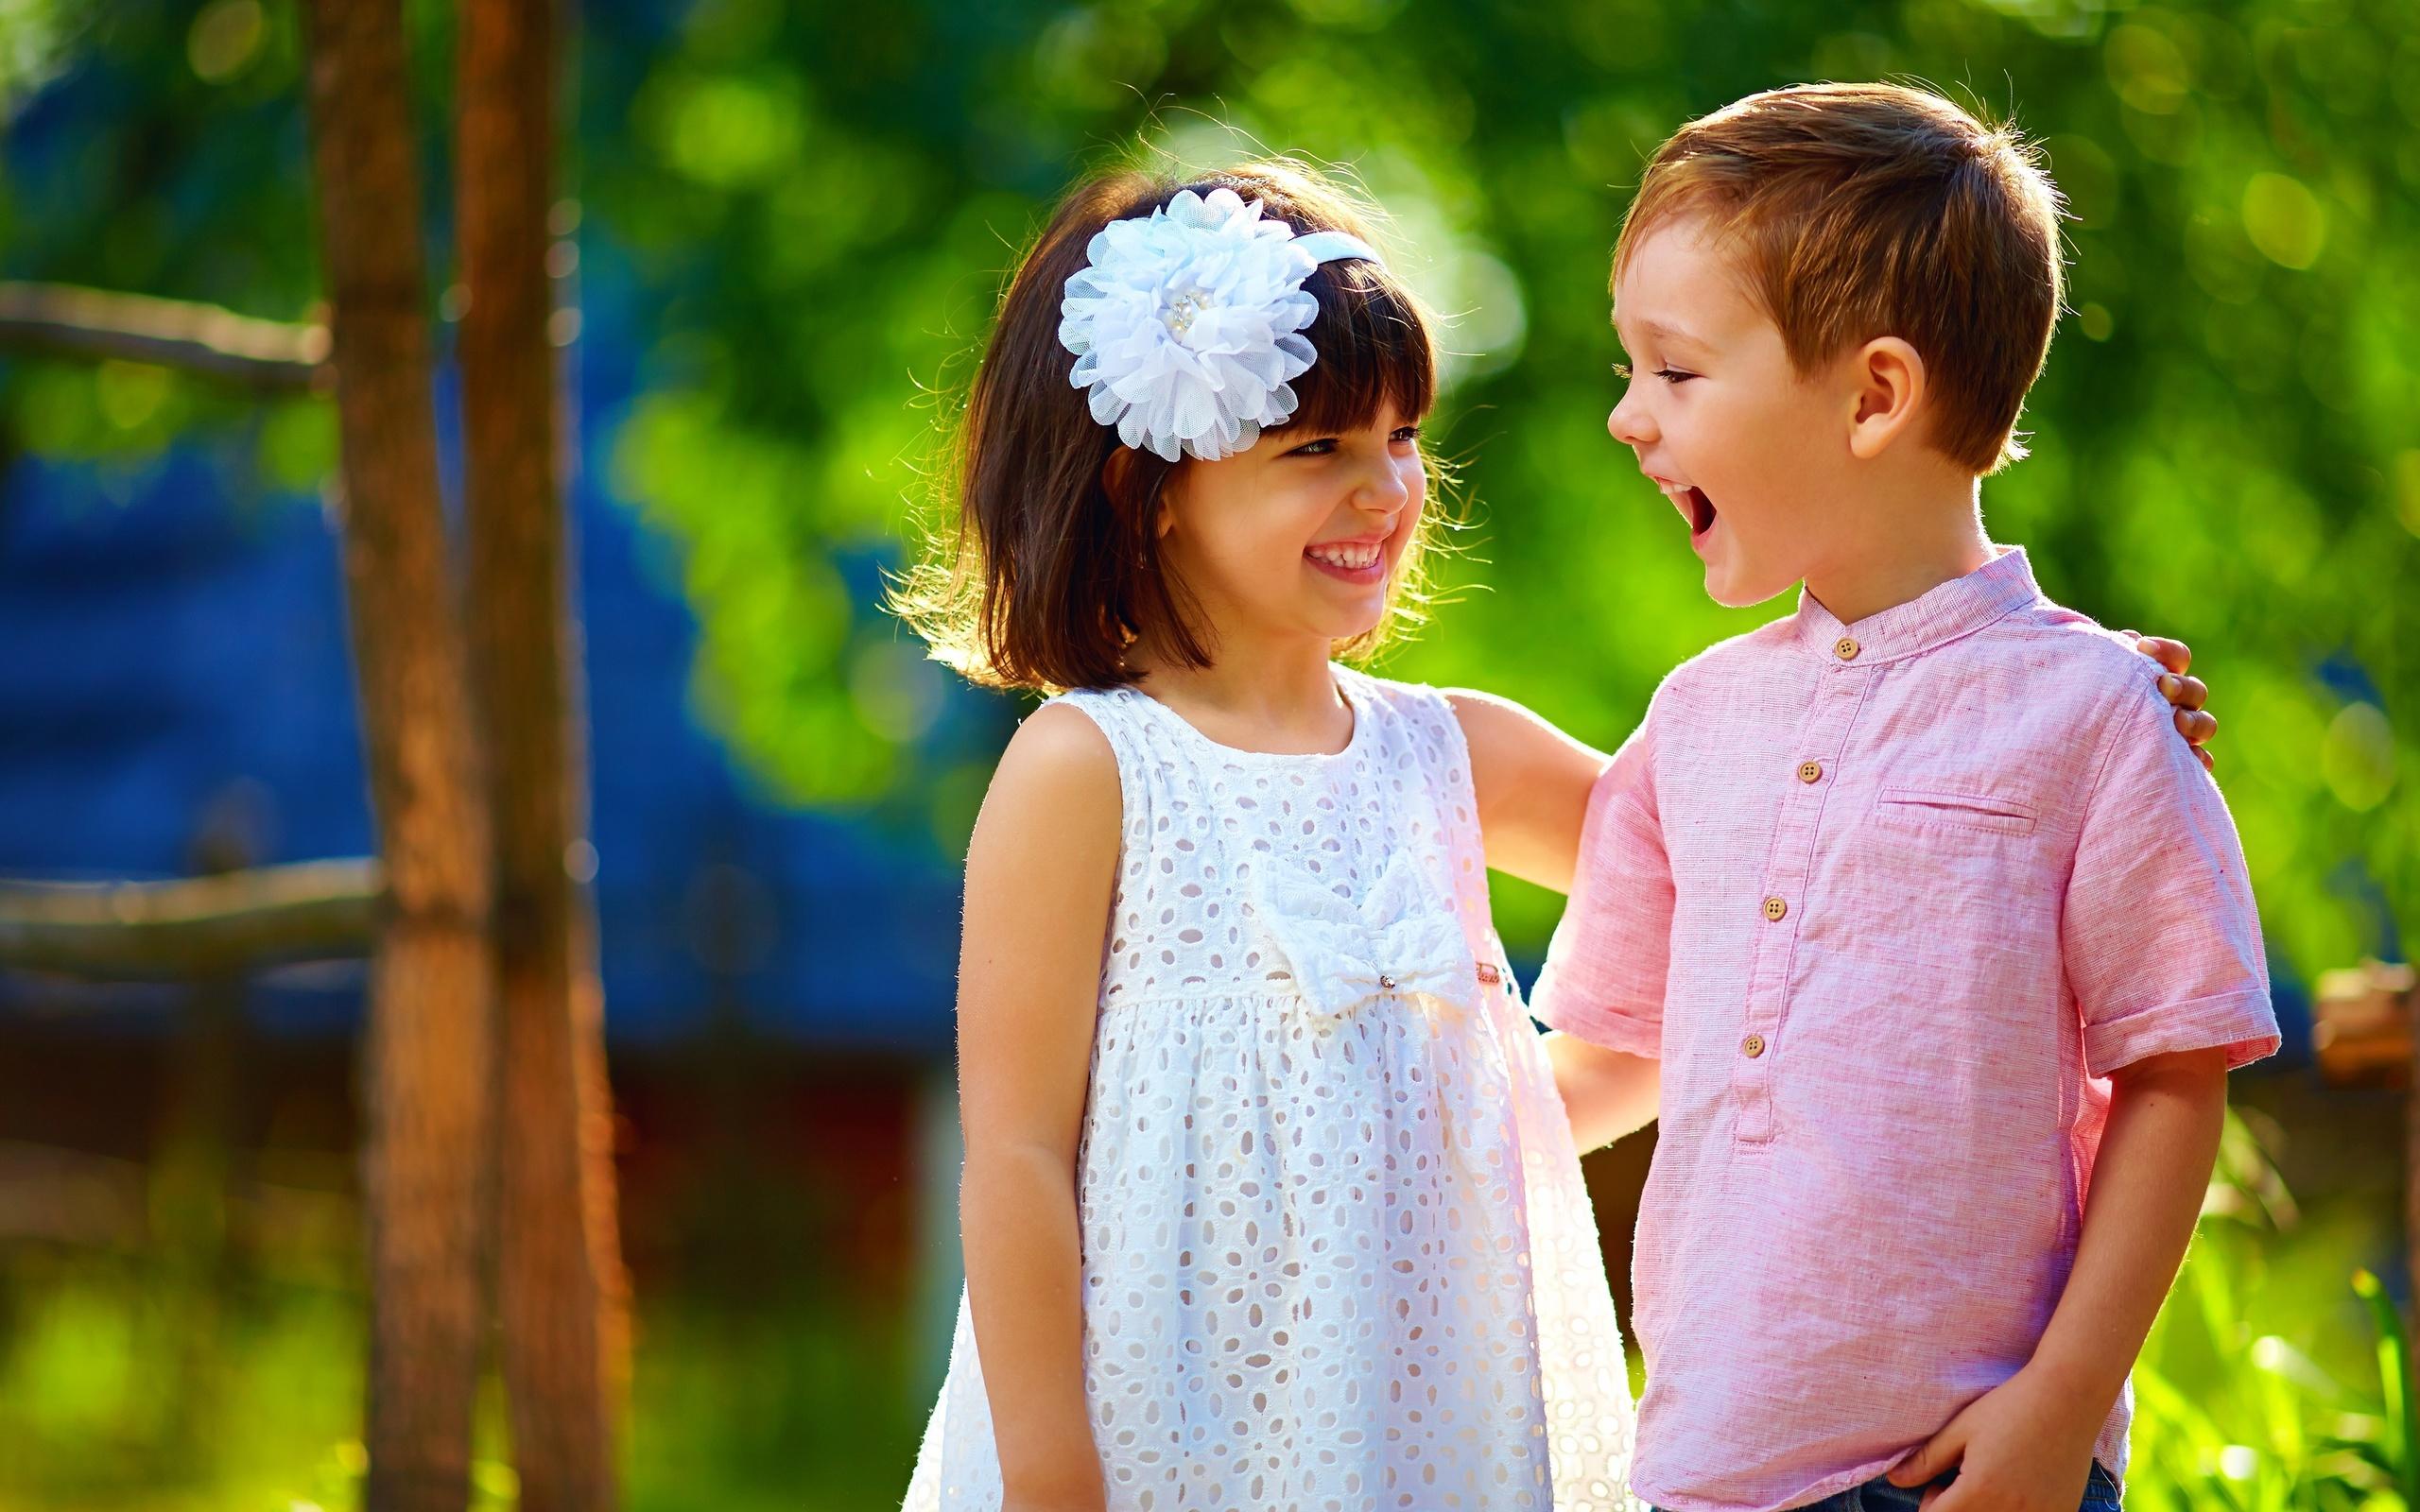 Днем рождения, картинка с мальчиком и девочкой